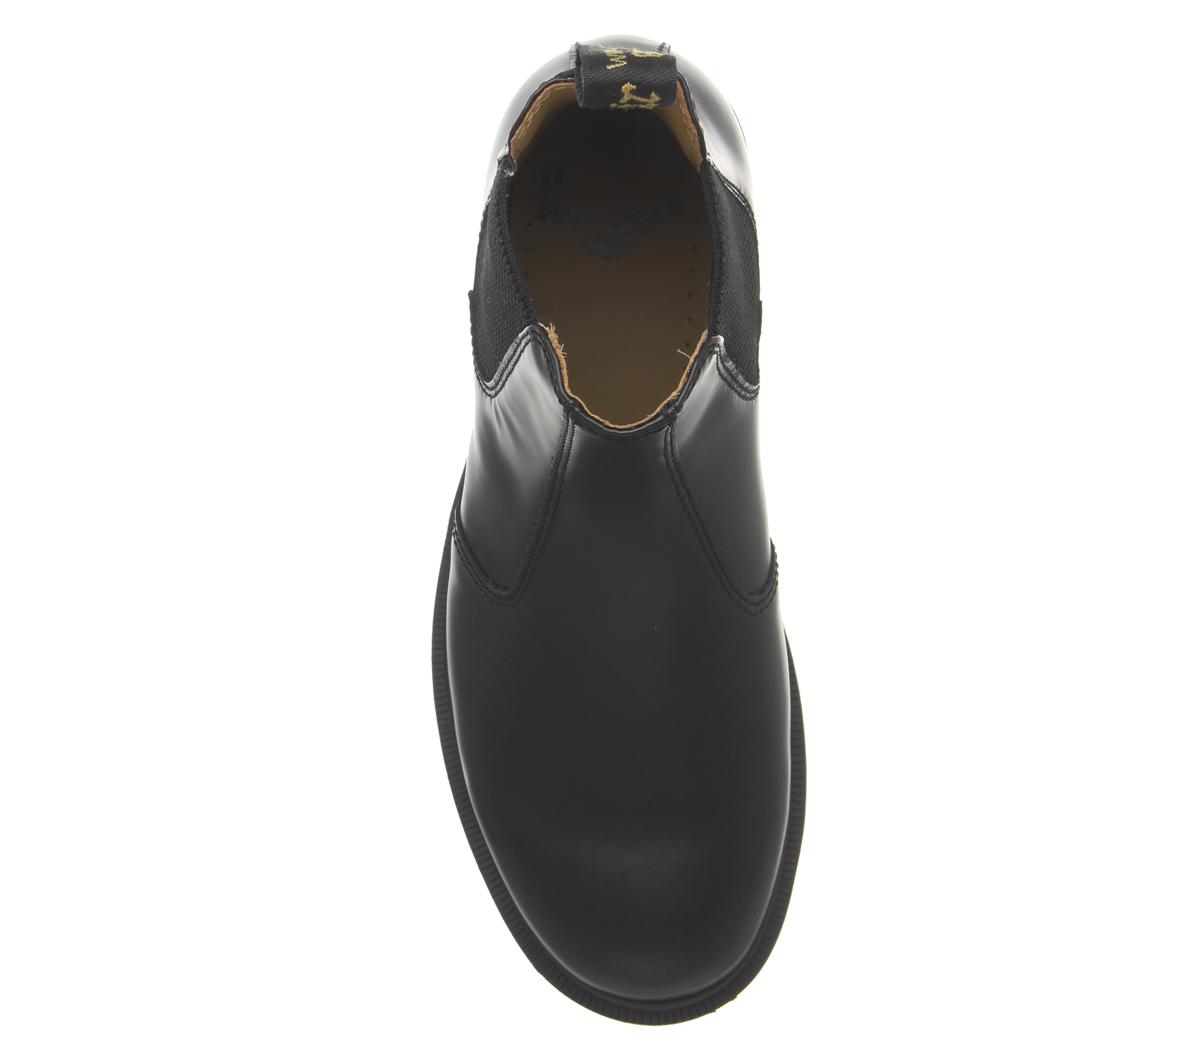 Noir Femme Chaussures 2976 Mono Chelsea Dr Martens 6Ox4Cfq